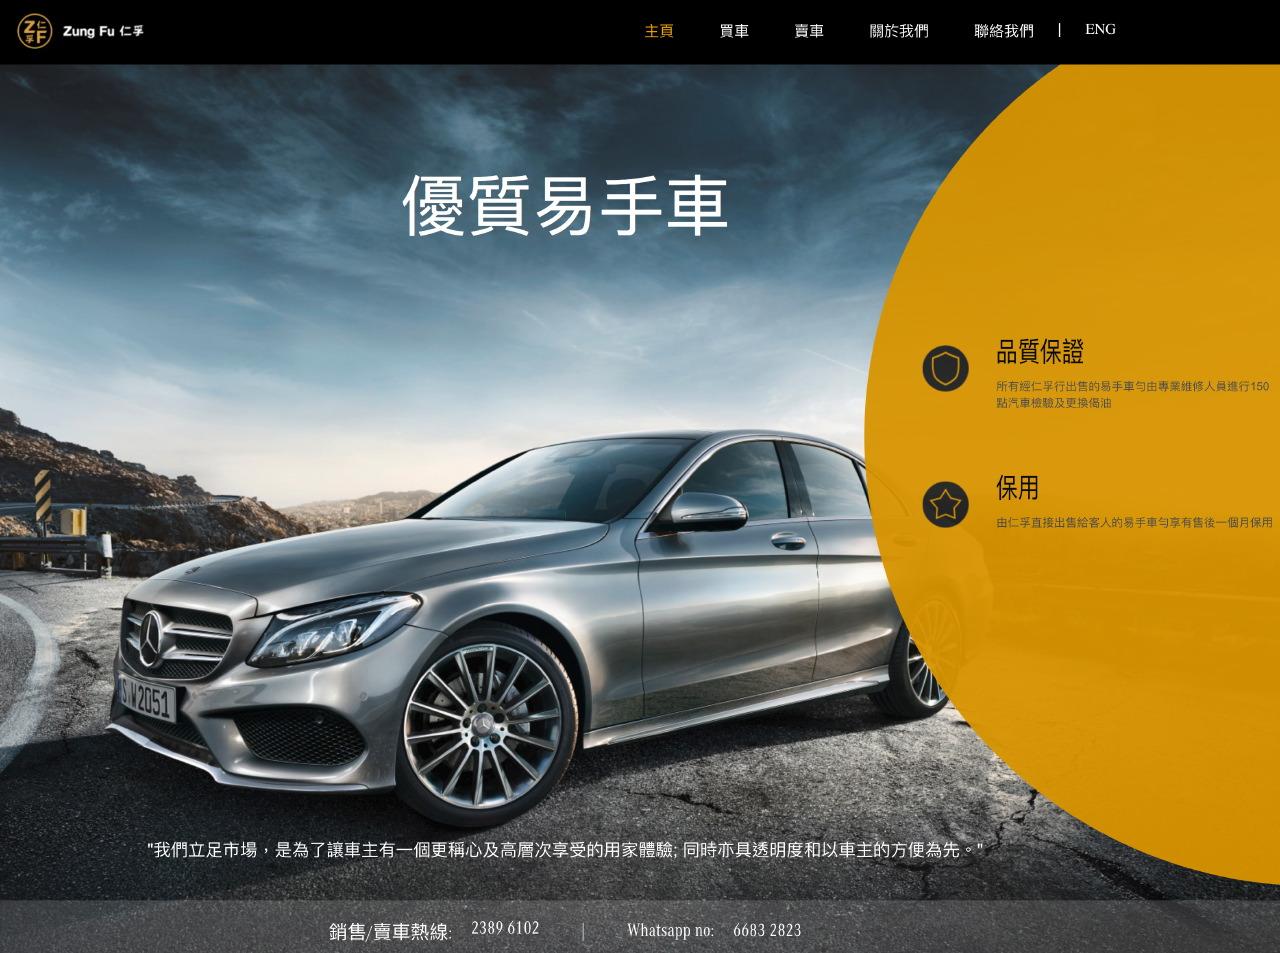 平治十一月易手車車展 : 香港第一車網 Car1.hk